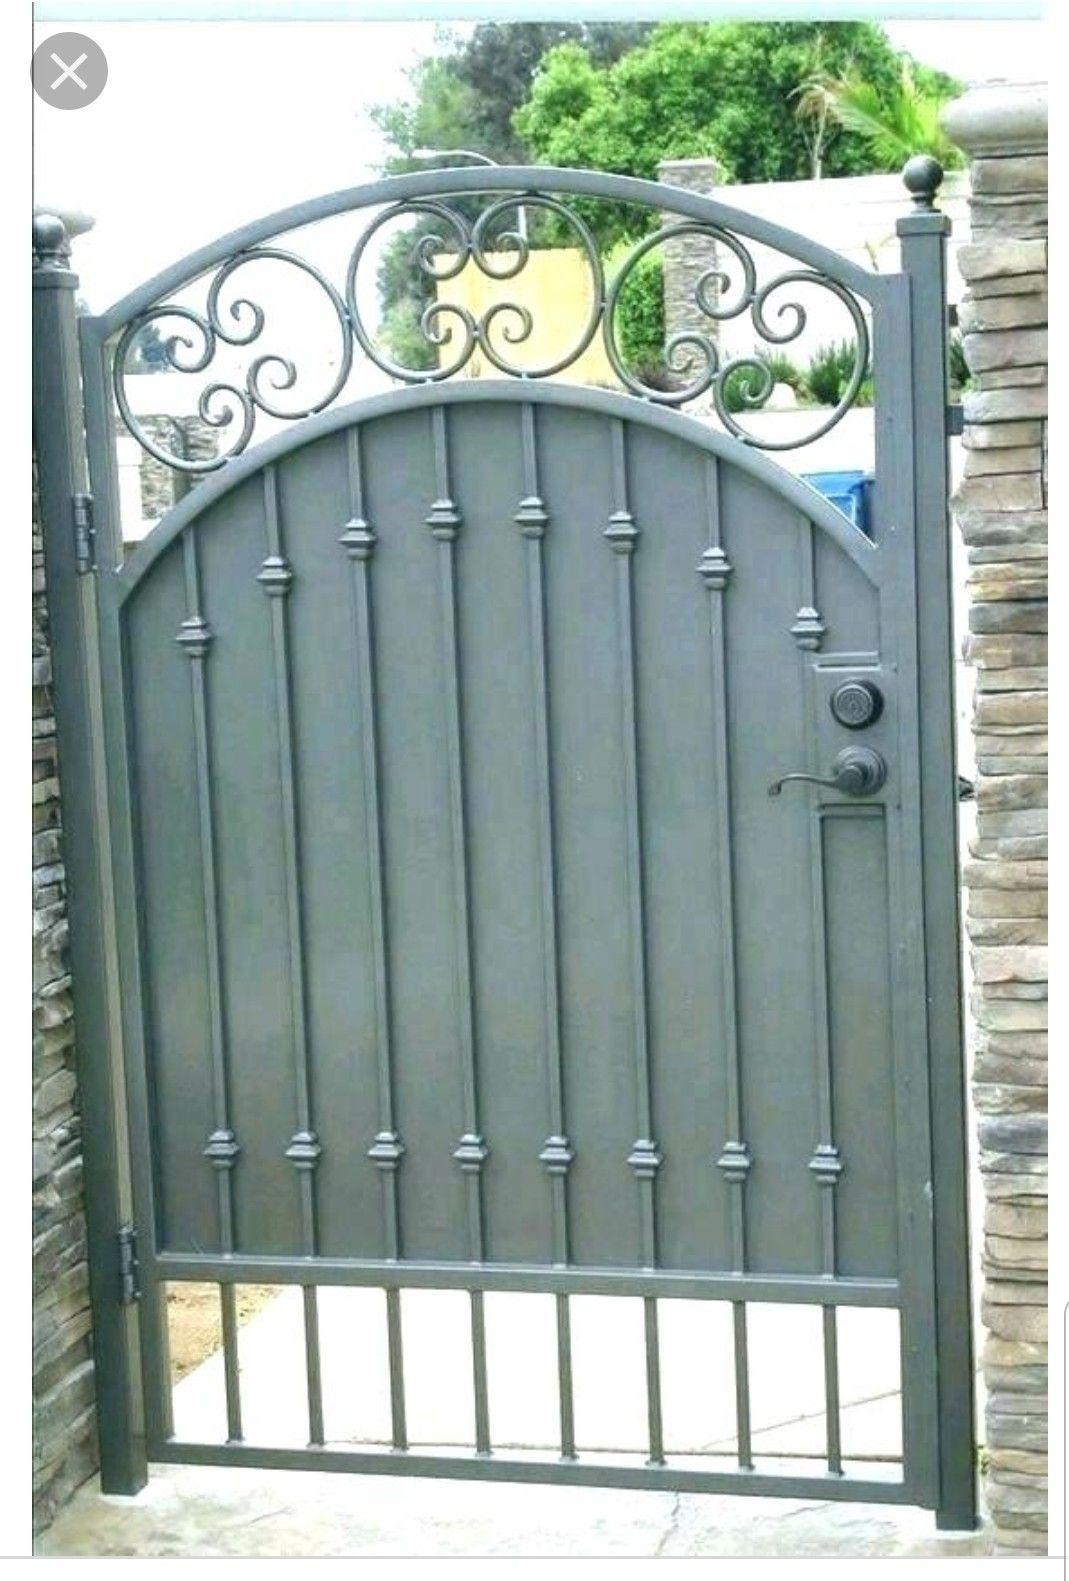 Pin By Priyanka Dobriyal On Puerta Lateral Exterior Iron Garden Gates Wrought Iron Garden Gates Iron Gates